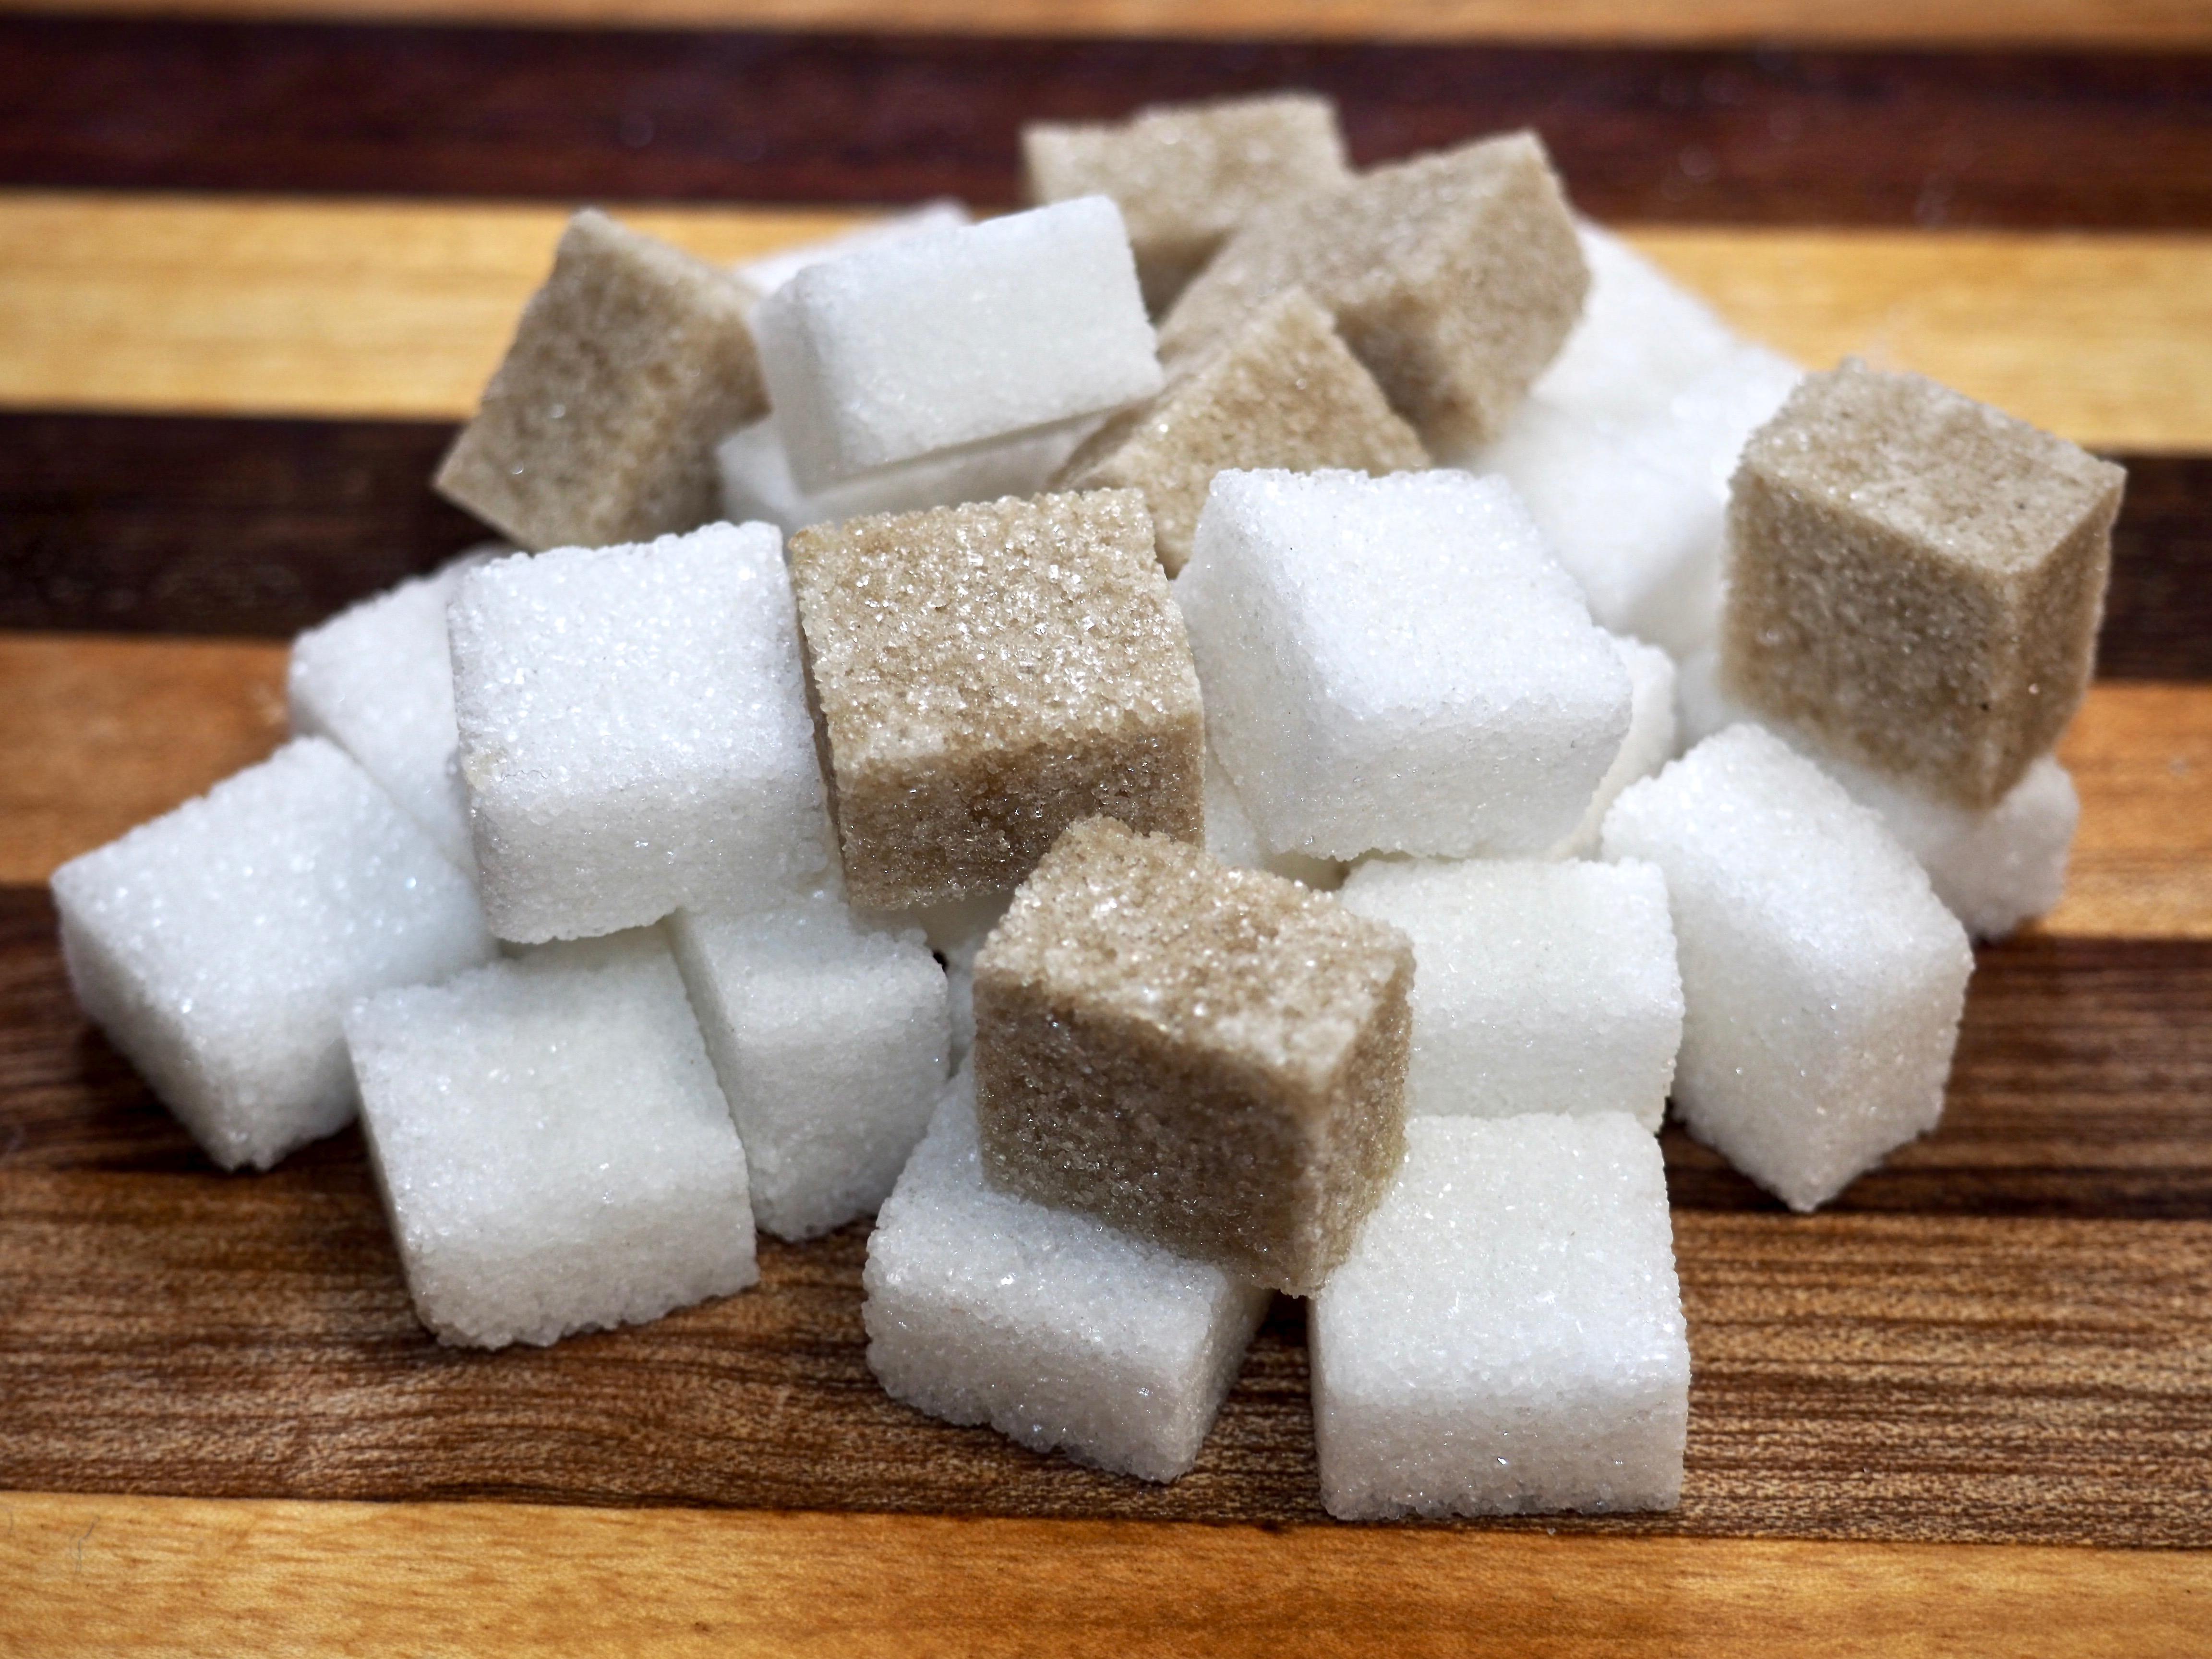 Zucker oder doch besser Süßstoff?